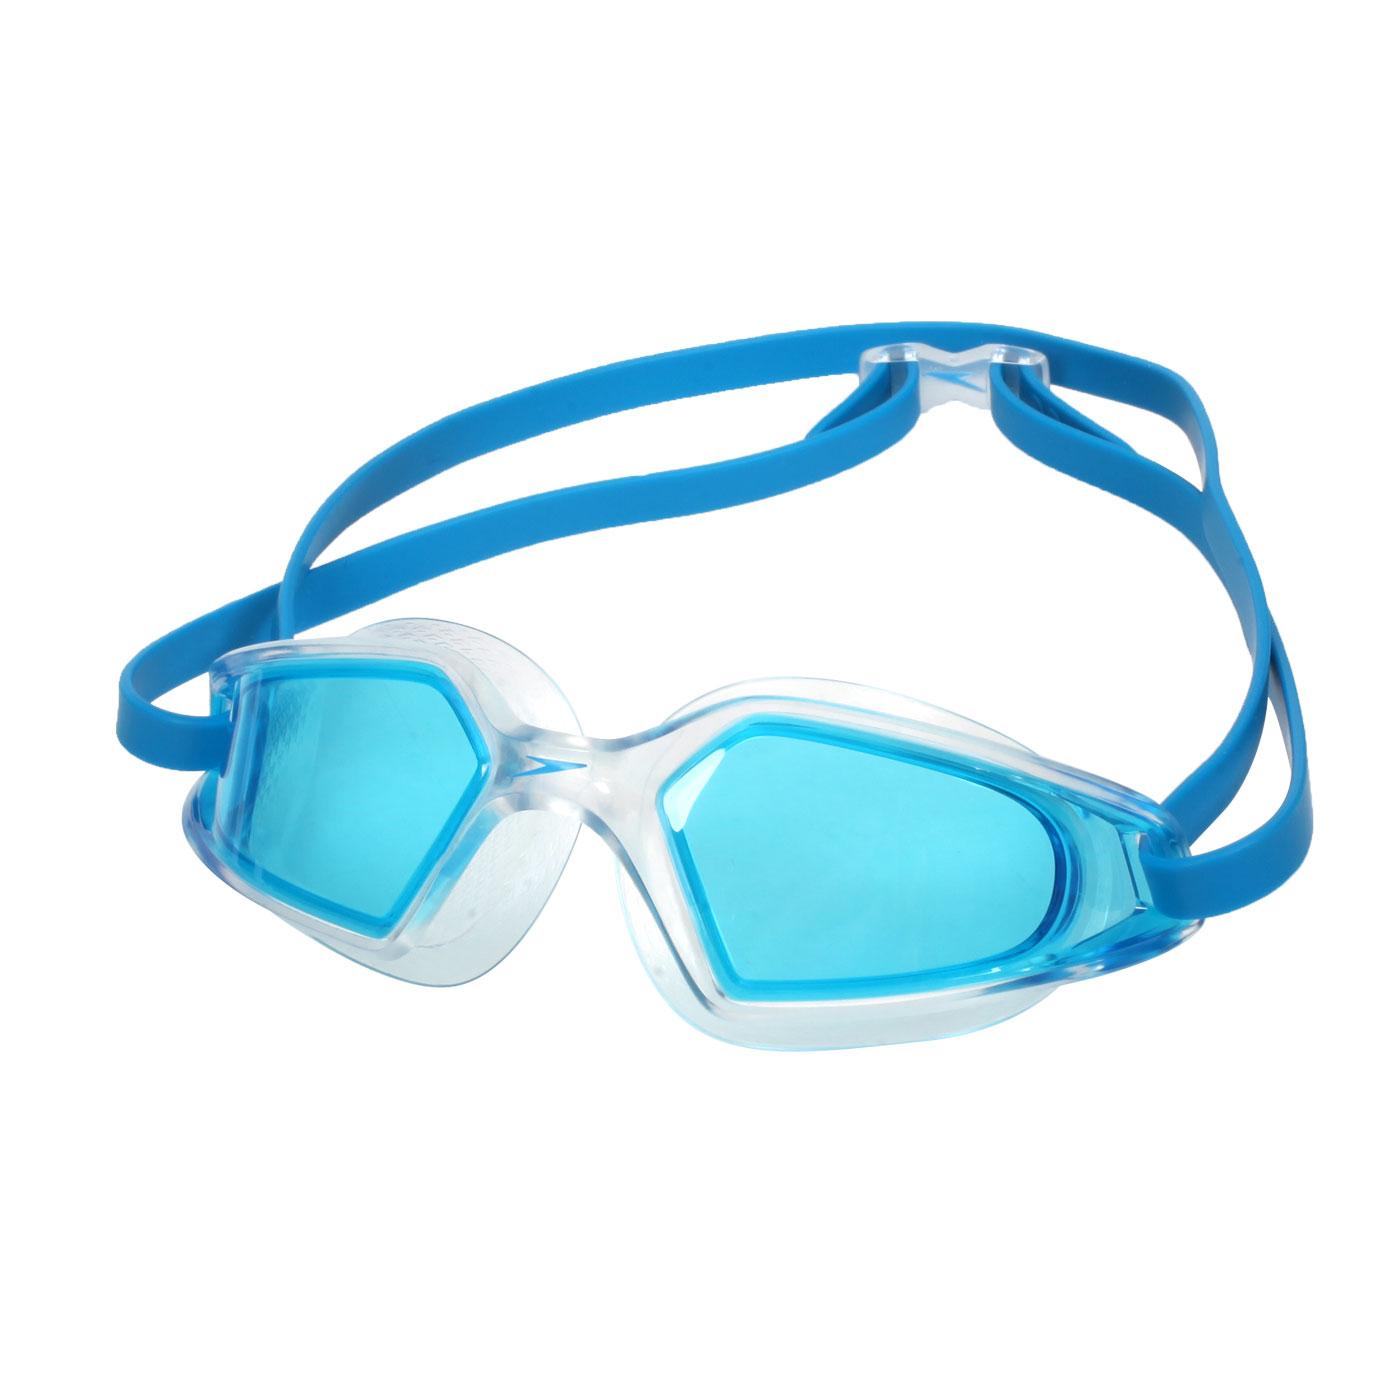 SPEEDO 成人運動泳鏡 Hydropulse SD812268D647 - 透明水藍